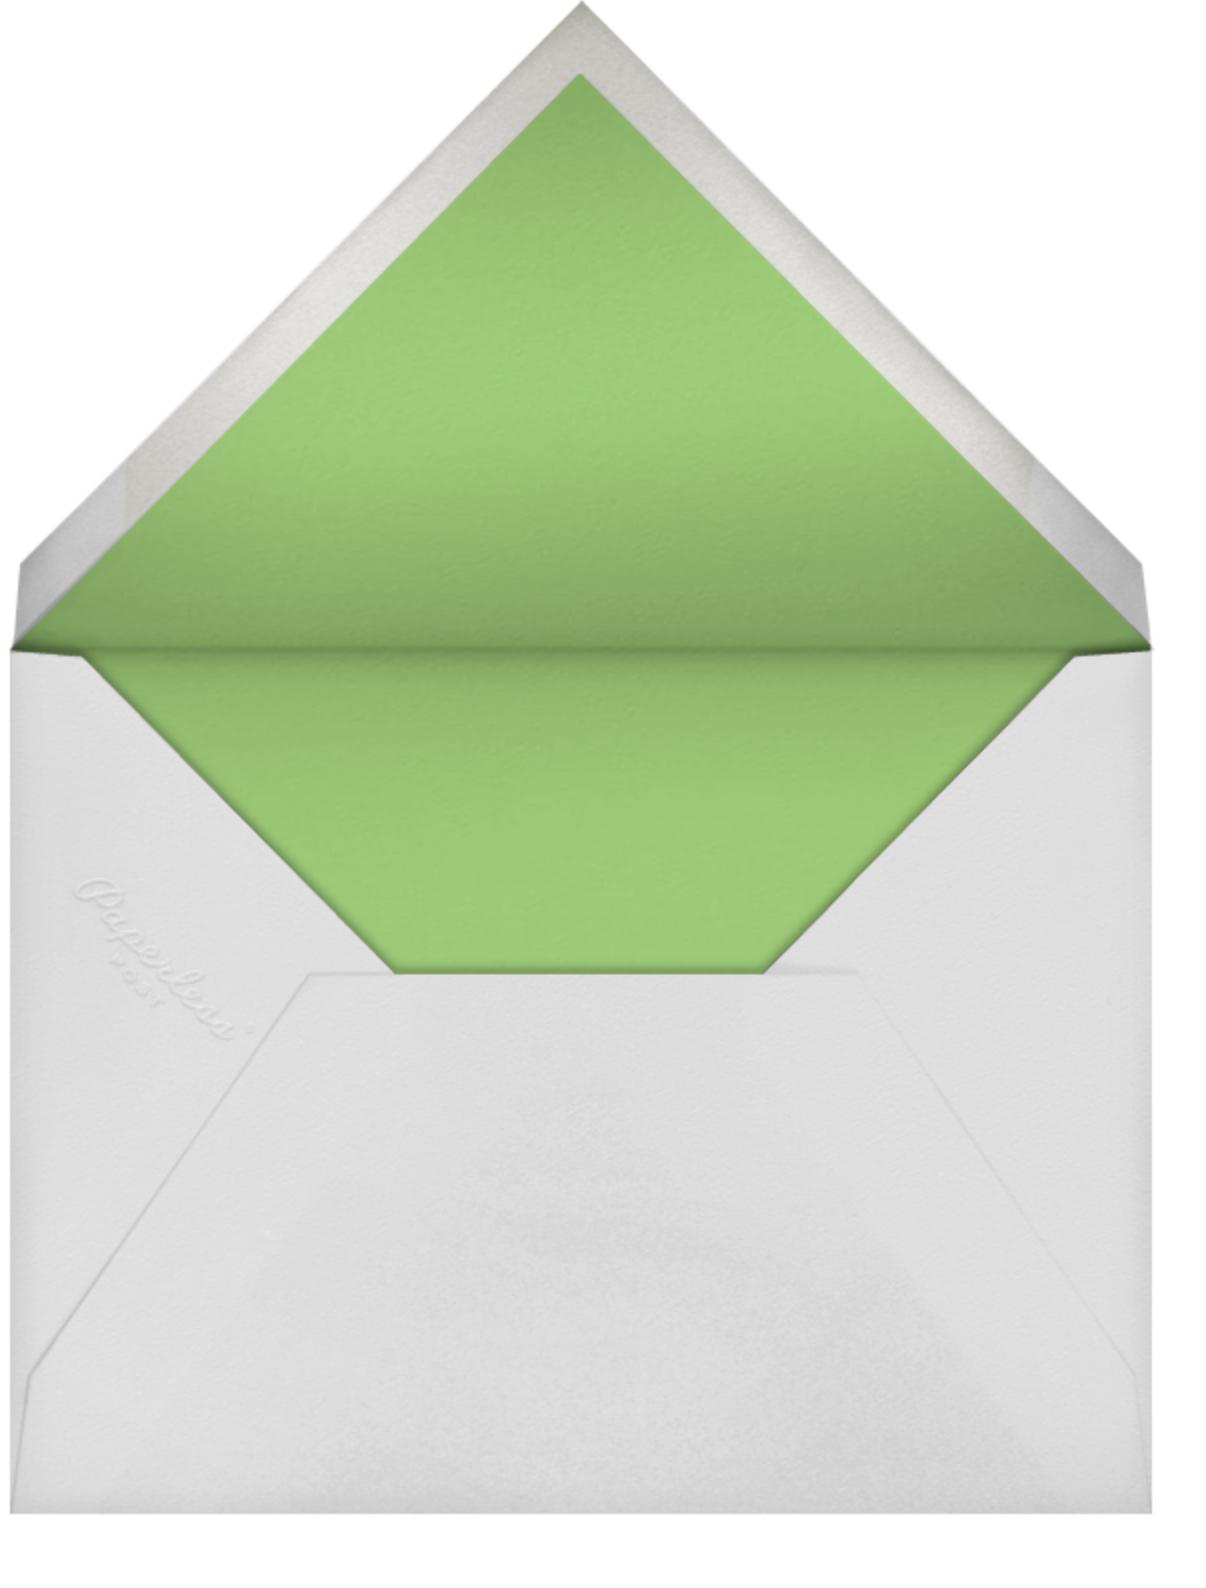 Gramercy Garden - Paperless Post - All - envelope back